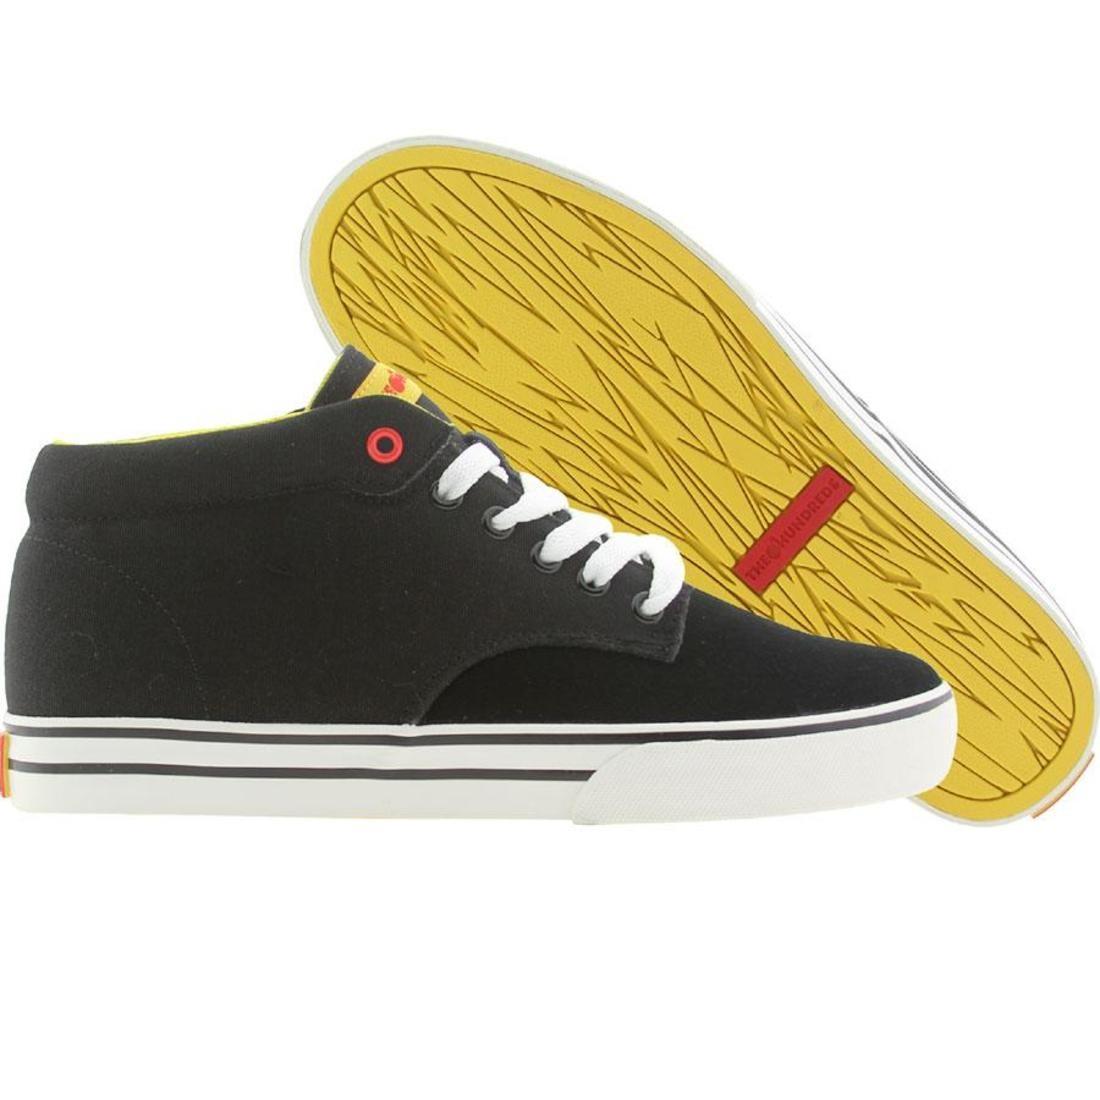 【海外限定】ジョンソン ミッド スニーカー メンズ靴 【 THE HUNDREDS MEN JOHNSON MID BLACK SUEDE 】